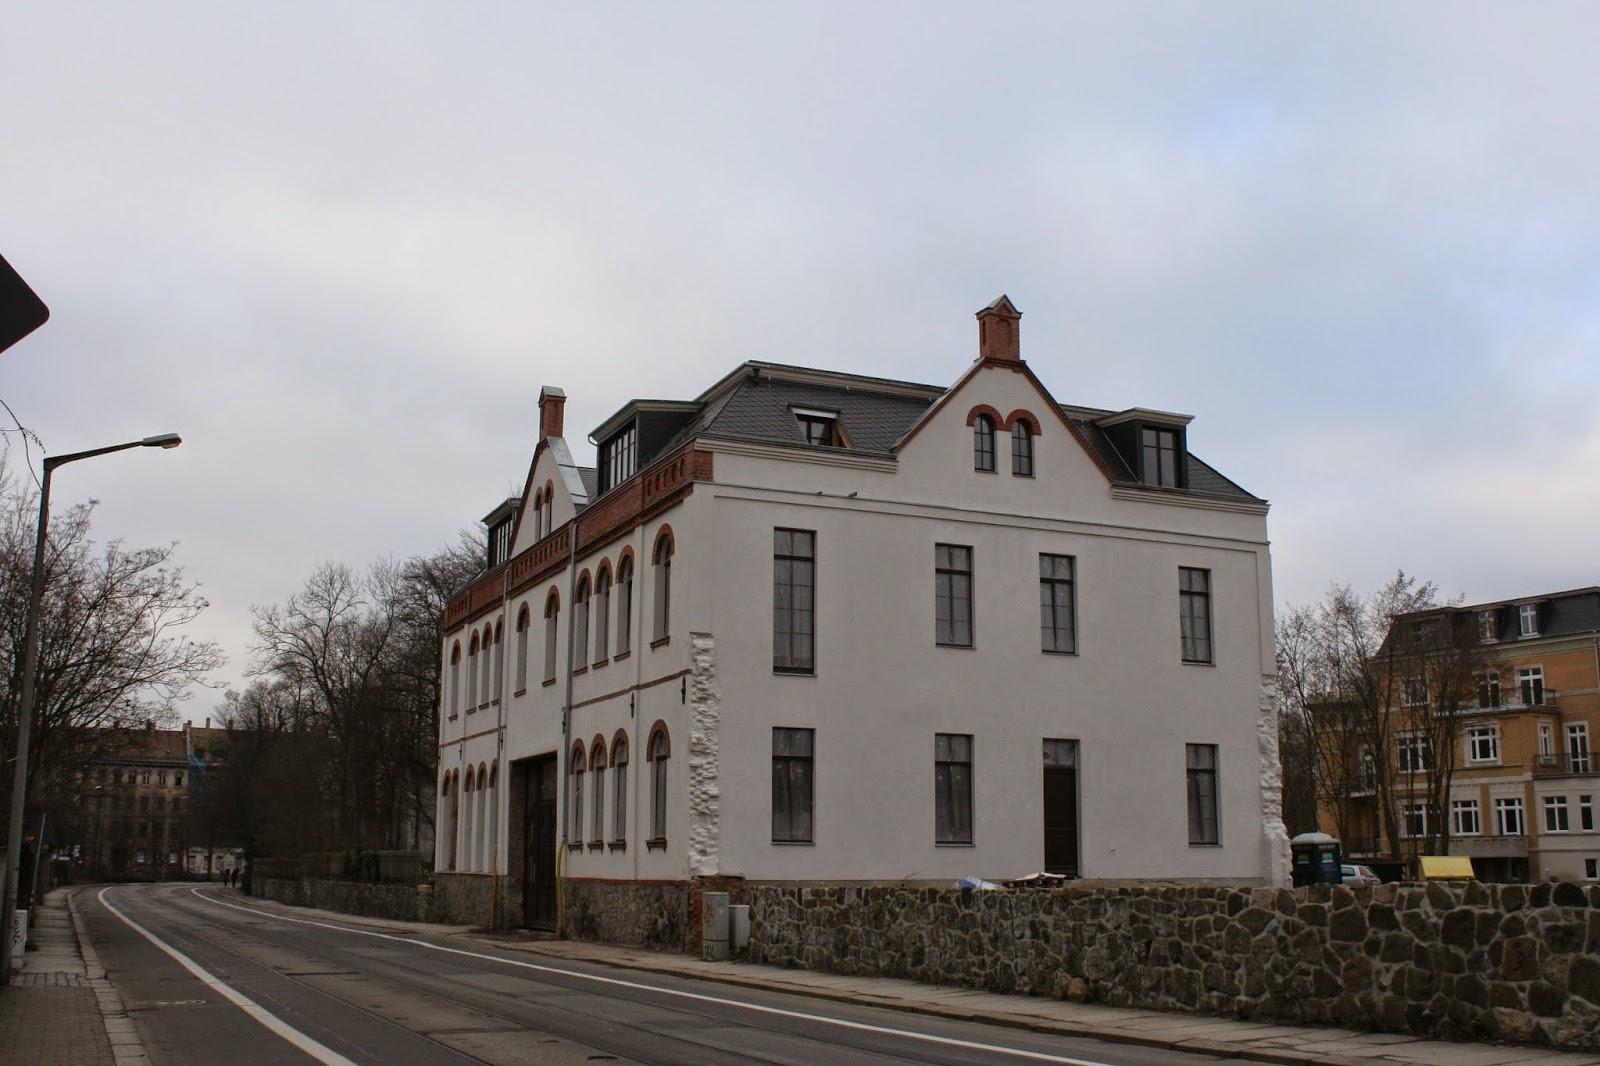 Hier das Torhaus auf dem ehemaligen Karl Krause Grundstück am 11.02.2015 - das Gebäude ist nach der Sanierung fast fertig zum Bezug